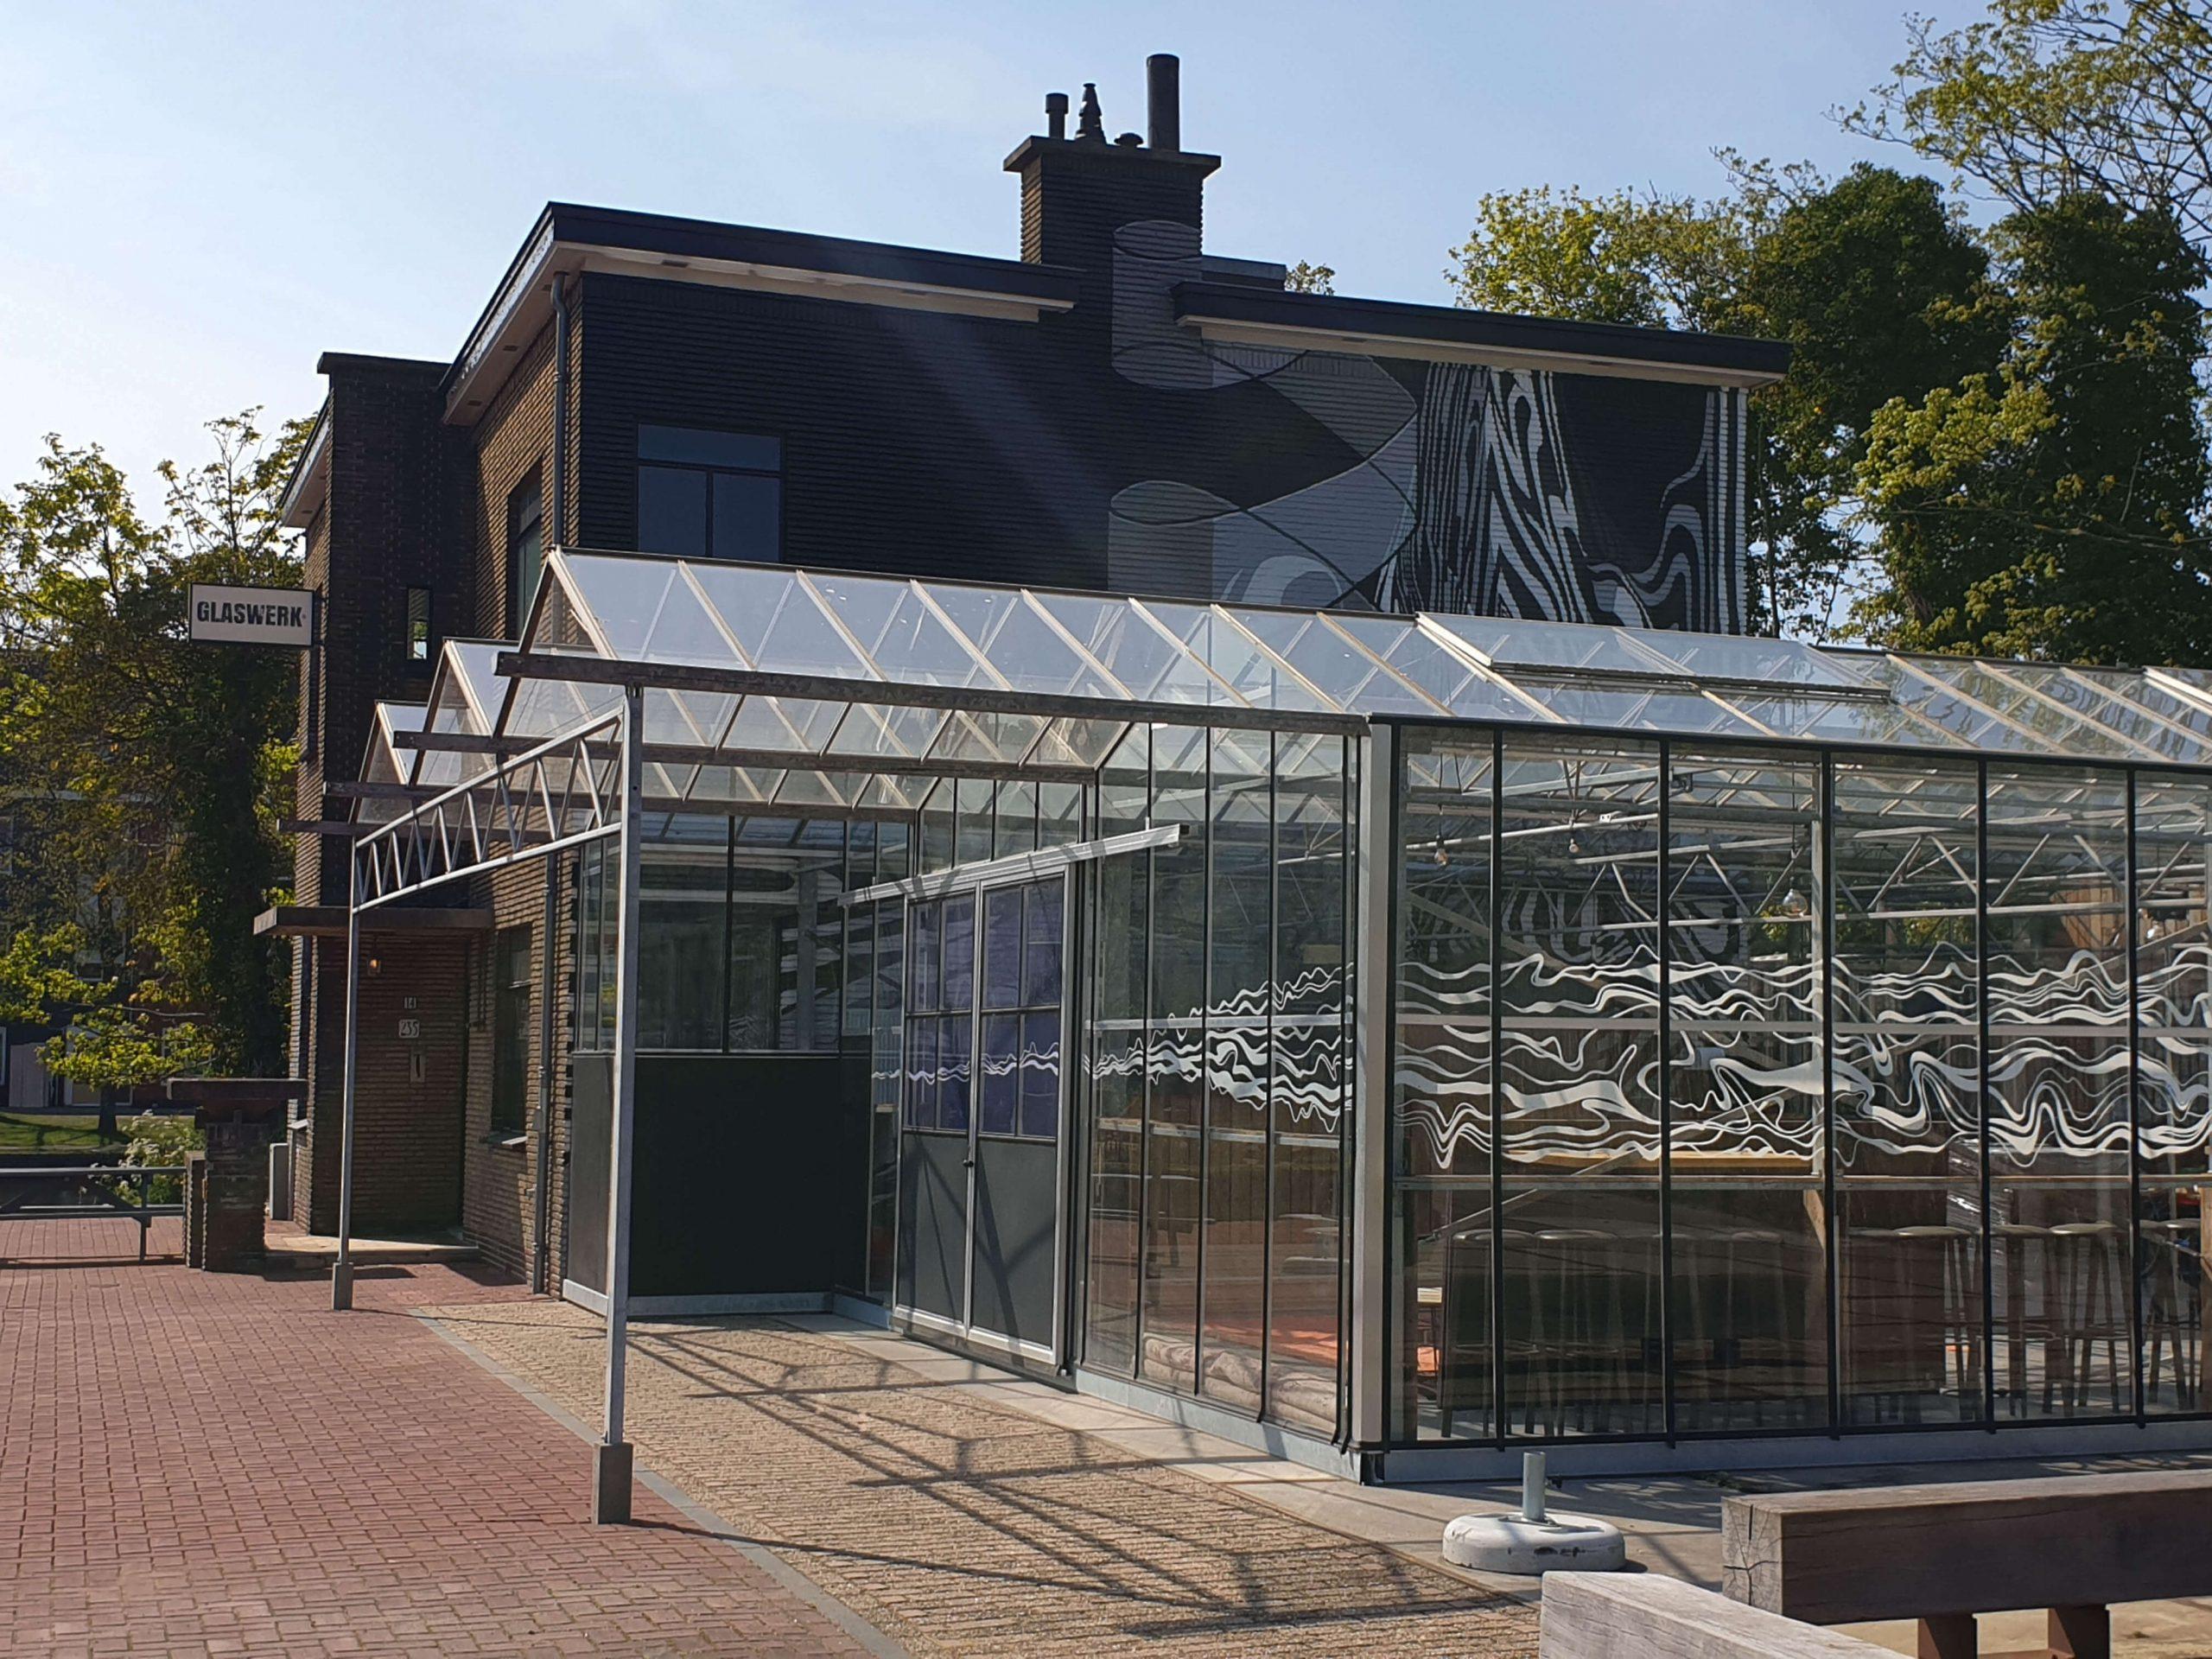 Muurschildering Restaurant Glaswerk